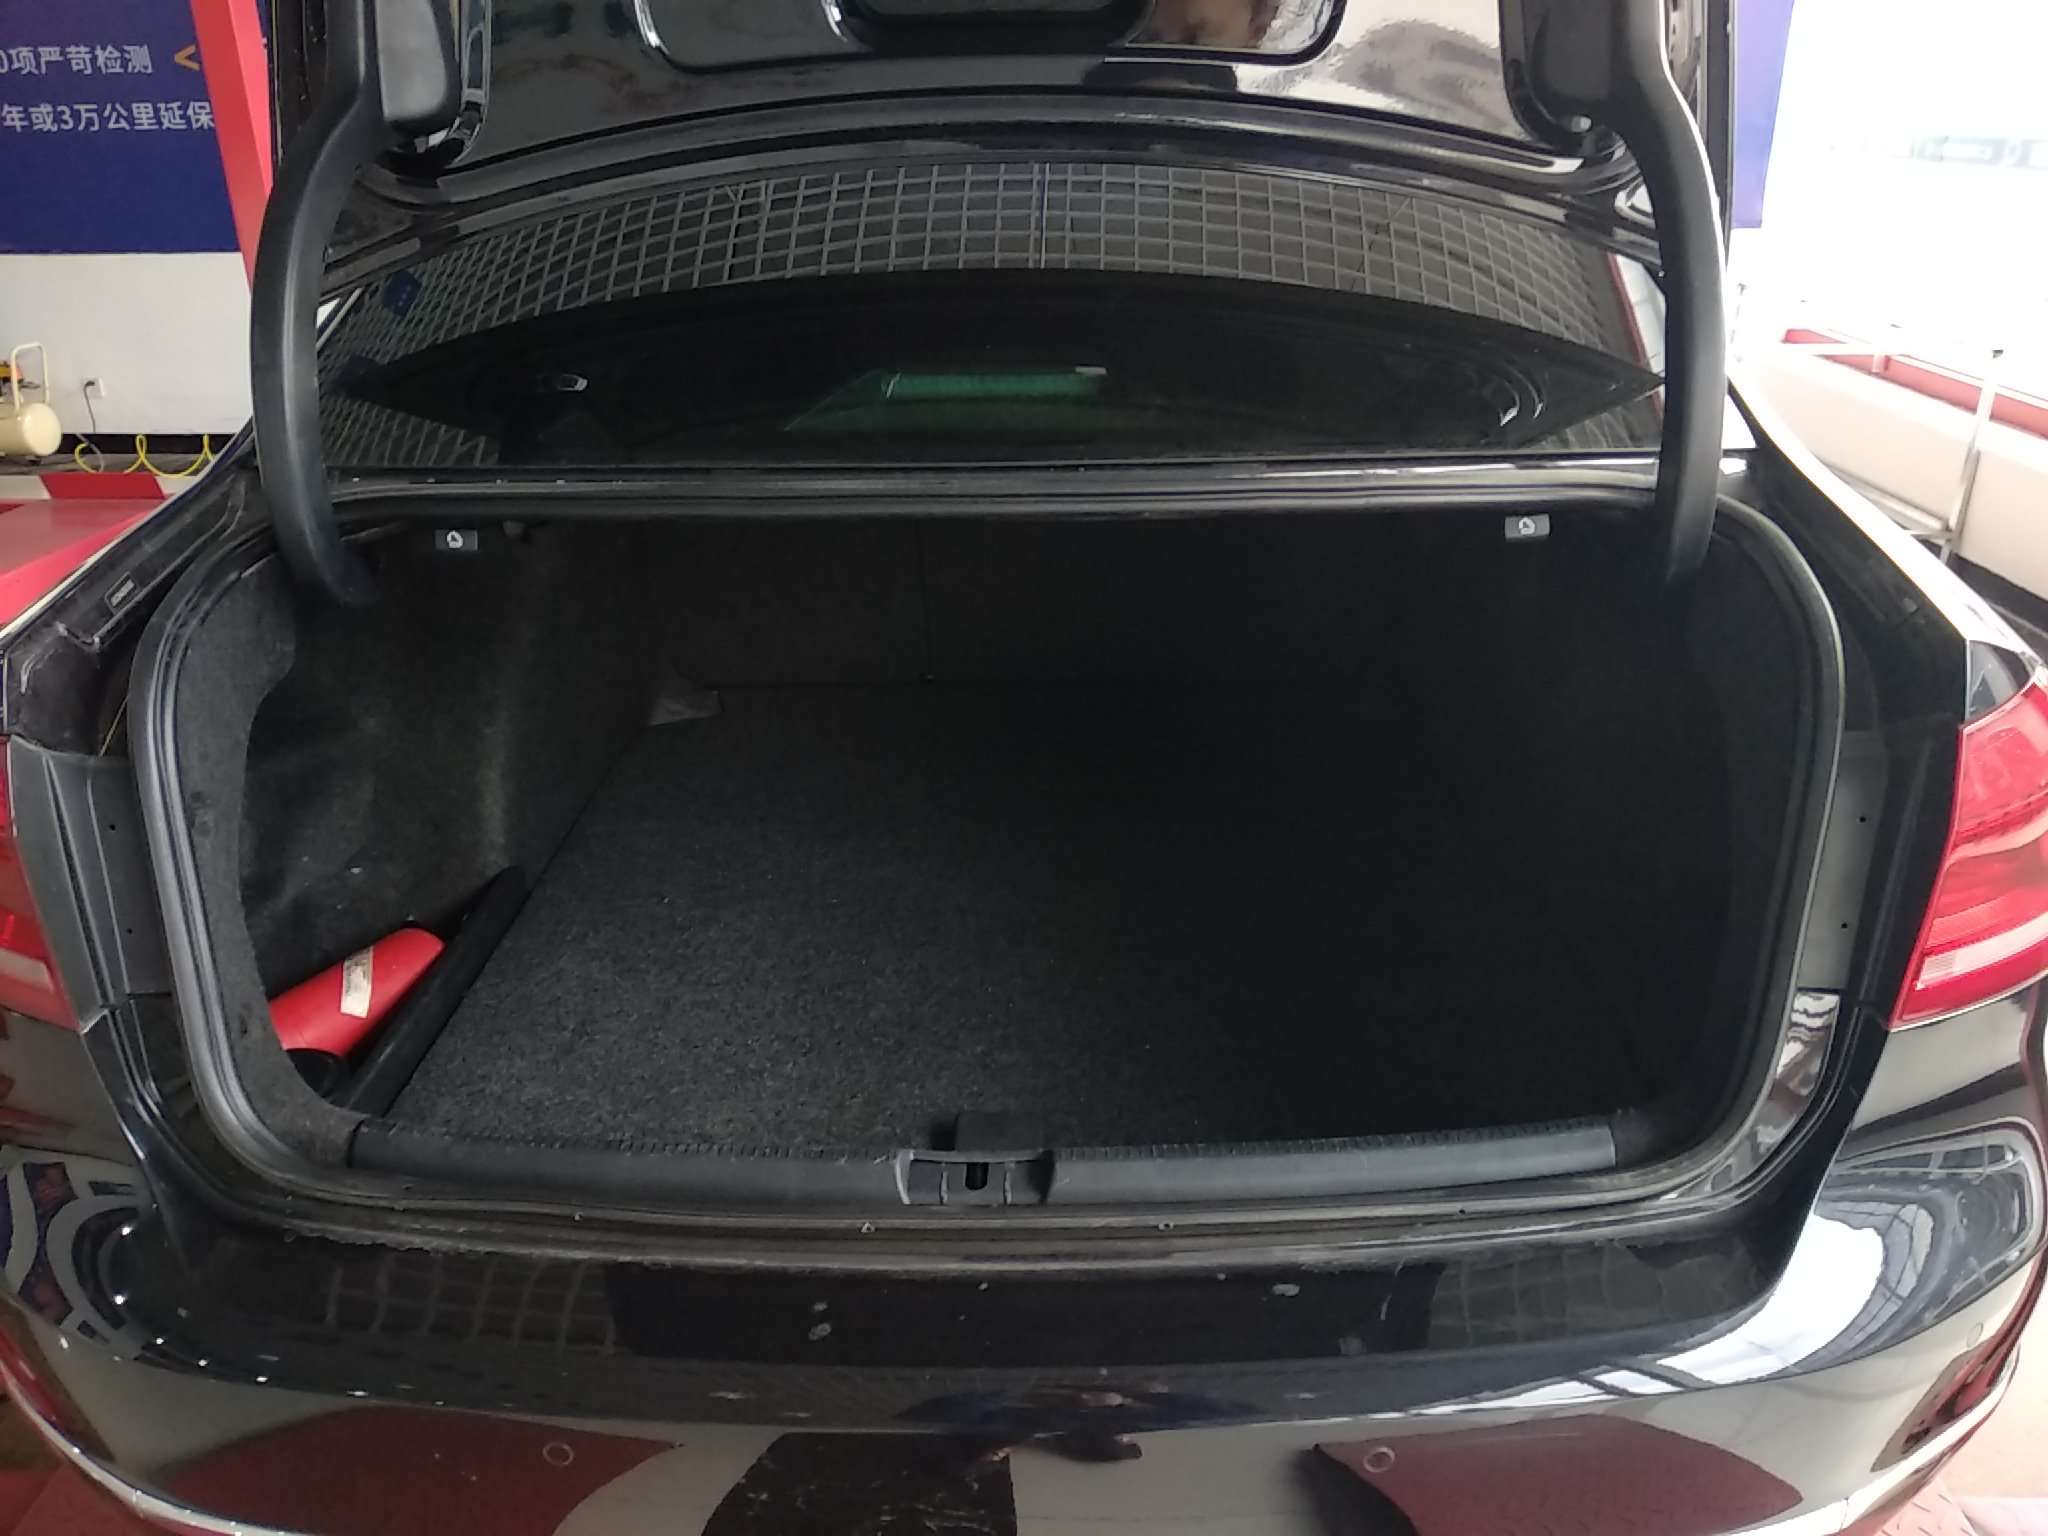 精真估提供二手车大众 帕萨特 2014款 1.8T 双离合 TSI御尊导航版